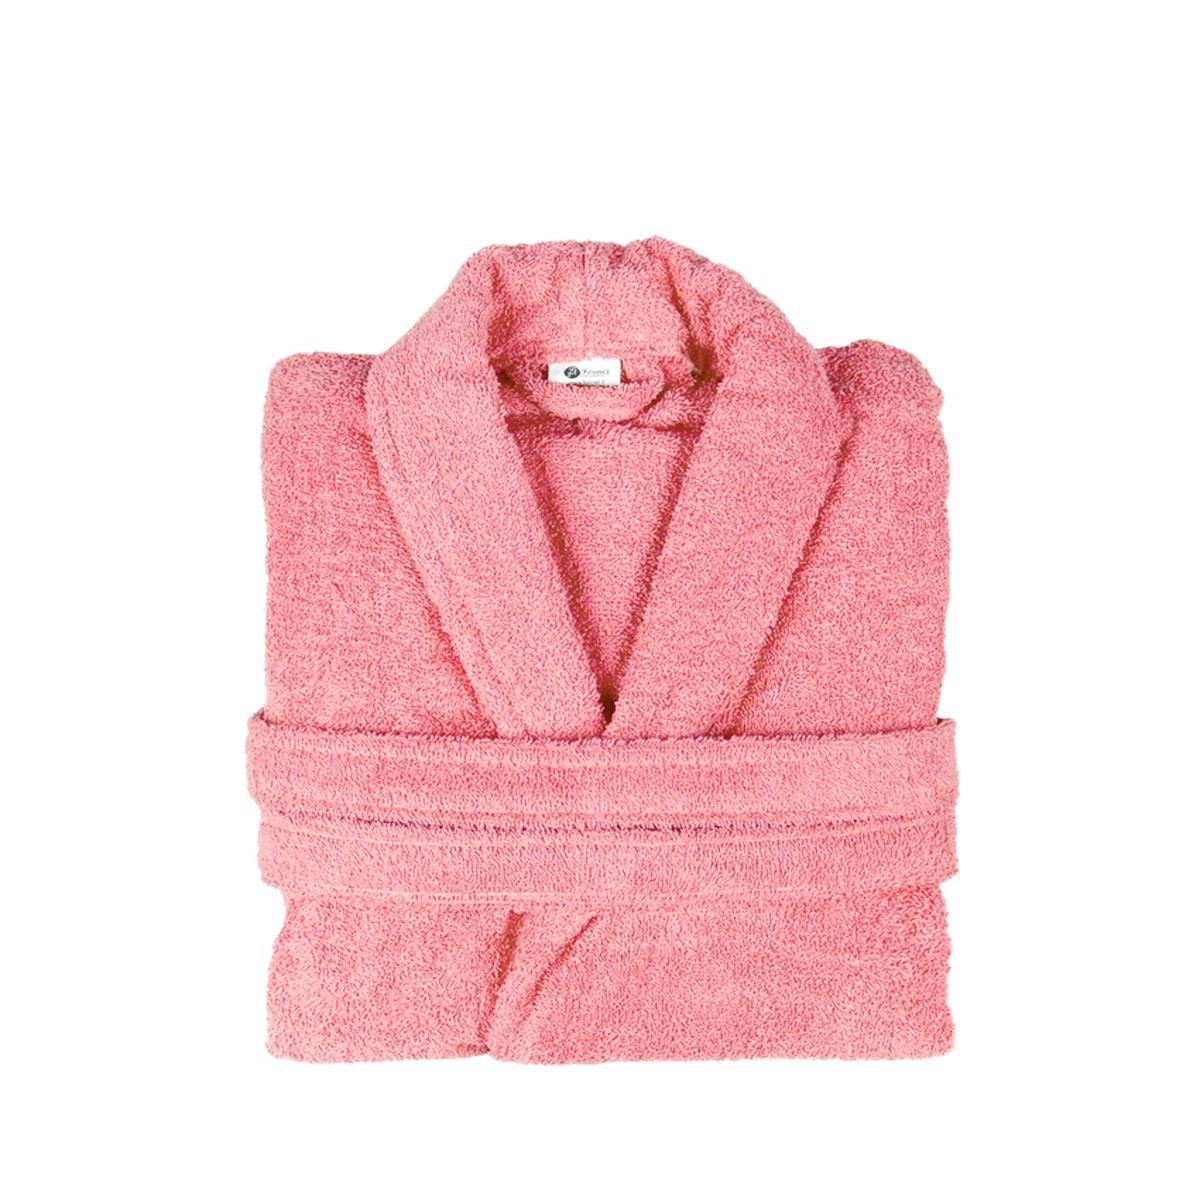 Μπουρνούζι Με Γιακά Fennel Comfort Ροζ SMALL SMALL 85419